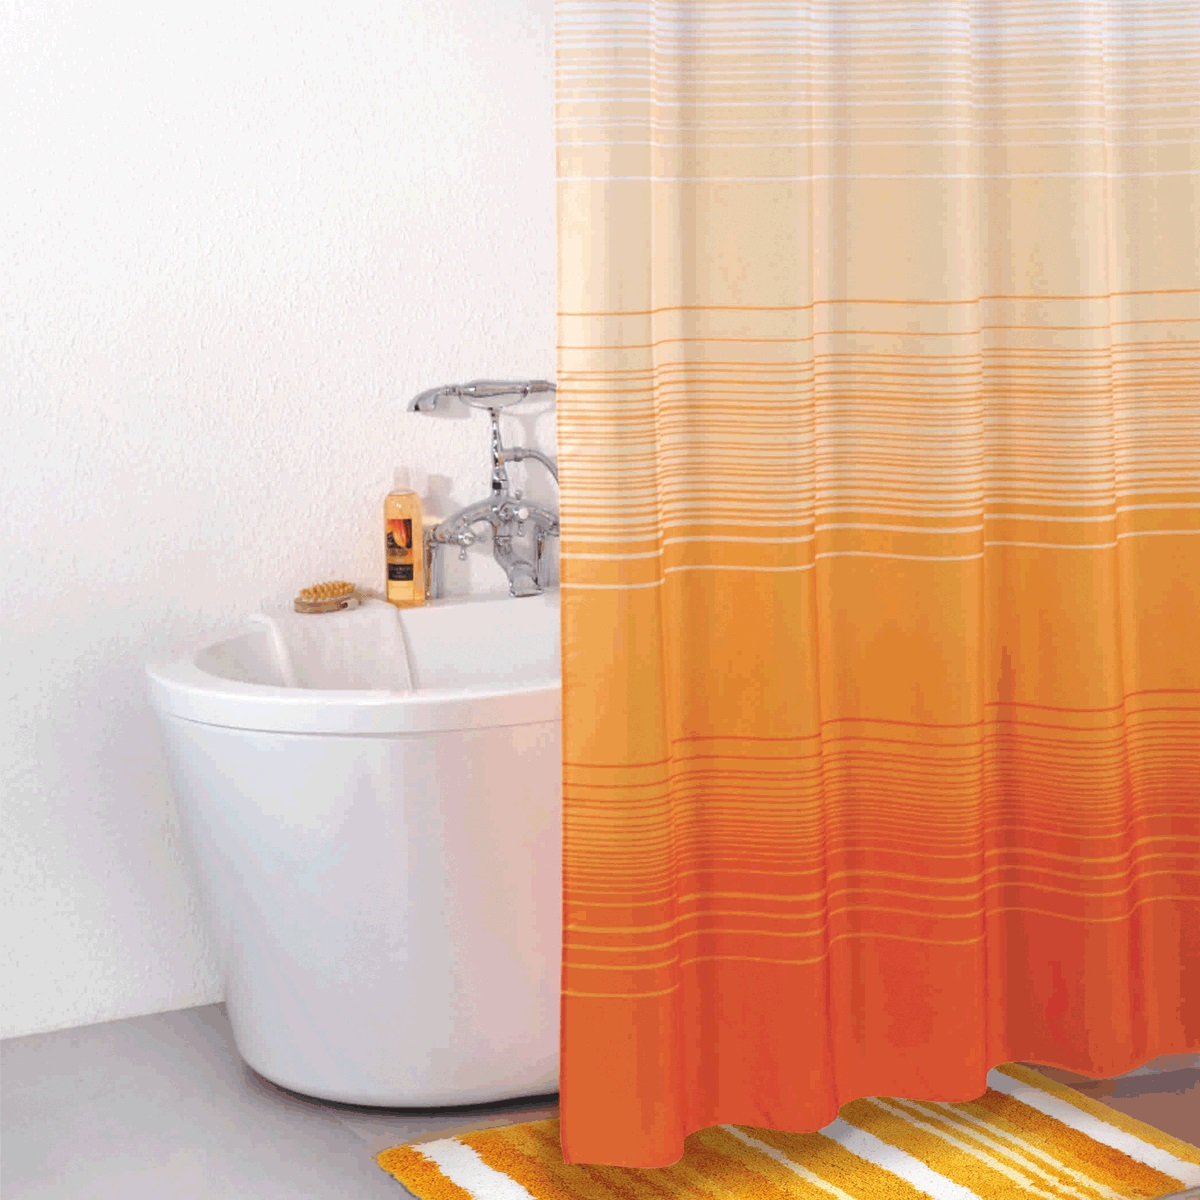 Штора для ванной Iddis Orange Horizon, цвет: оранжевый, 200 x 200 см300P20RI11материал: текстиль, 100% полиэстер, водоотталкивающая пропитка, кольца в комплекте, упаковка ПВХ пакет, плотность 110 г/м, 12 металлических люверсов, 12 колец в комплекте